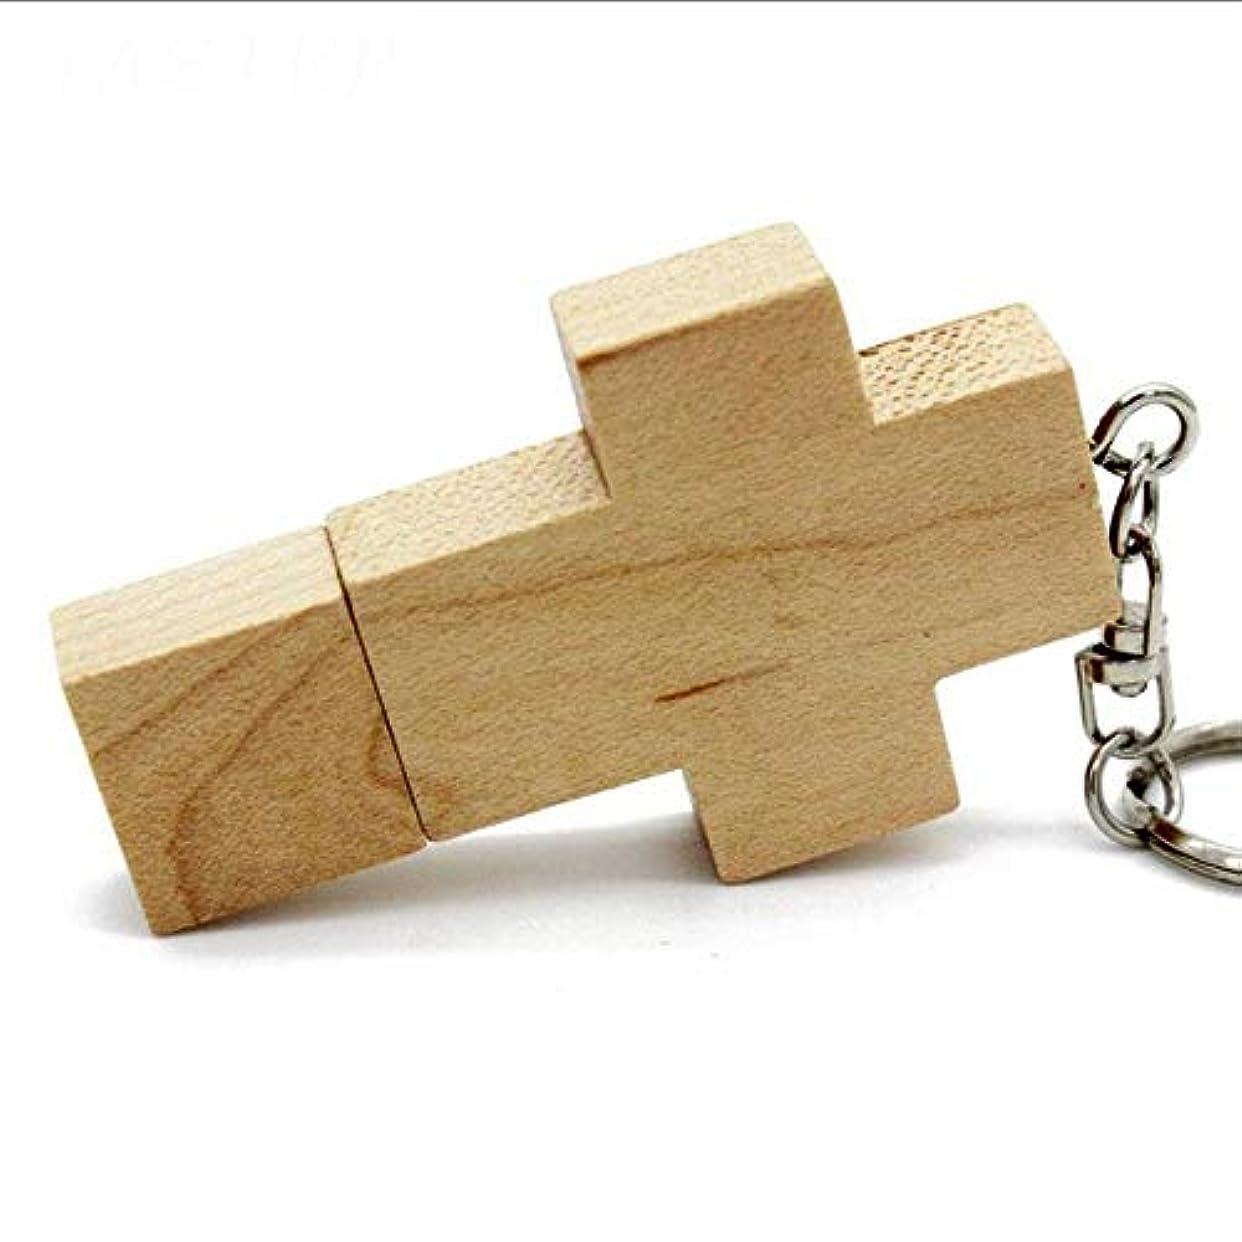 ハミングバード予測するショート木製クロスusb 2.0 USBメモリキーホルダーフラッシュドライブ4GB 16GB 32GB 64GB プレゼント1 b